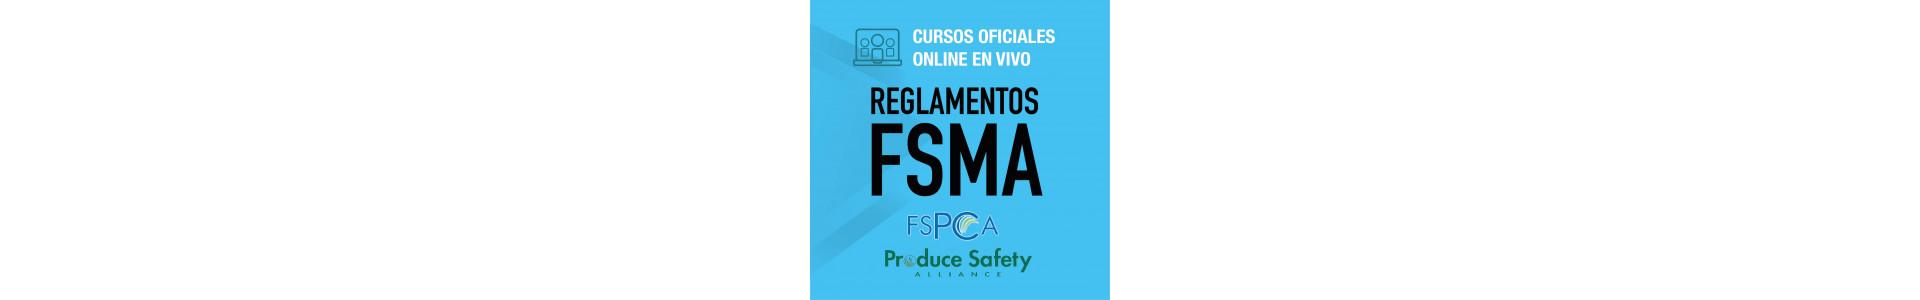 Cursos oficiales PSA y PCQI | Cursos para cumplir la FSMA